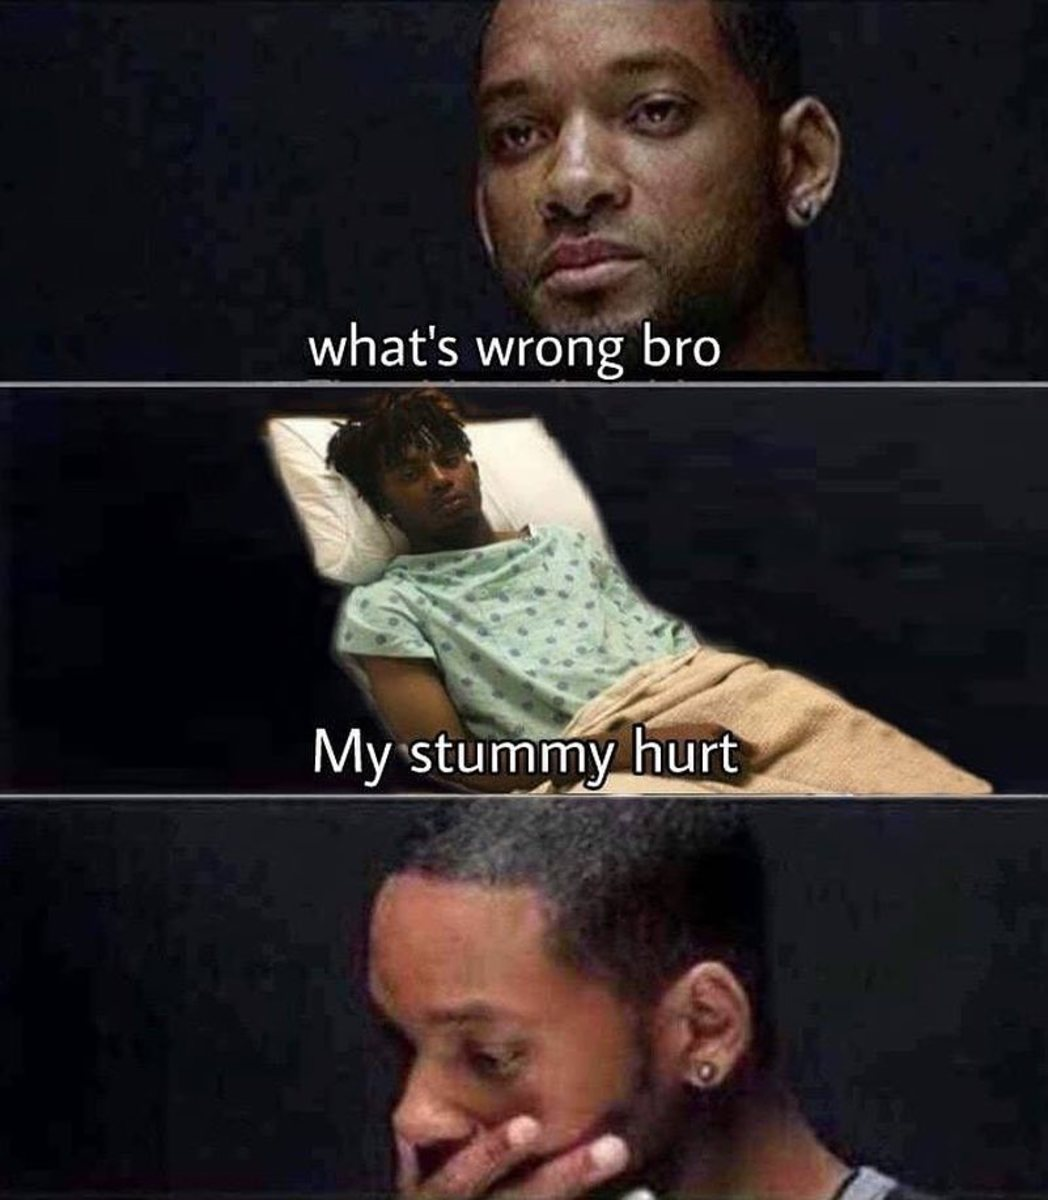 stummy-hurt